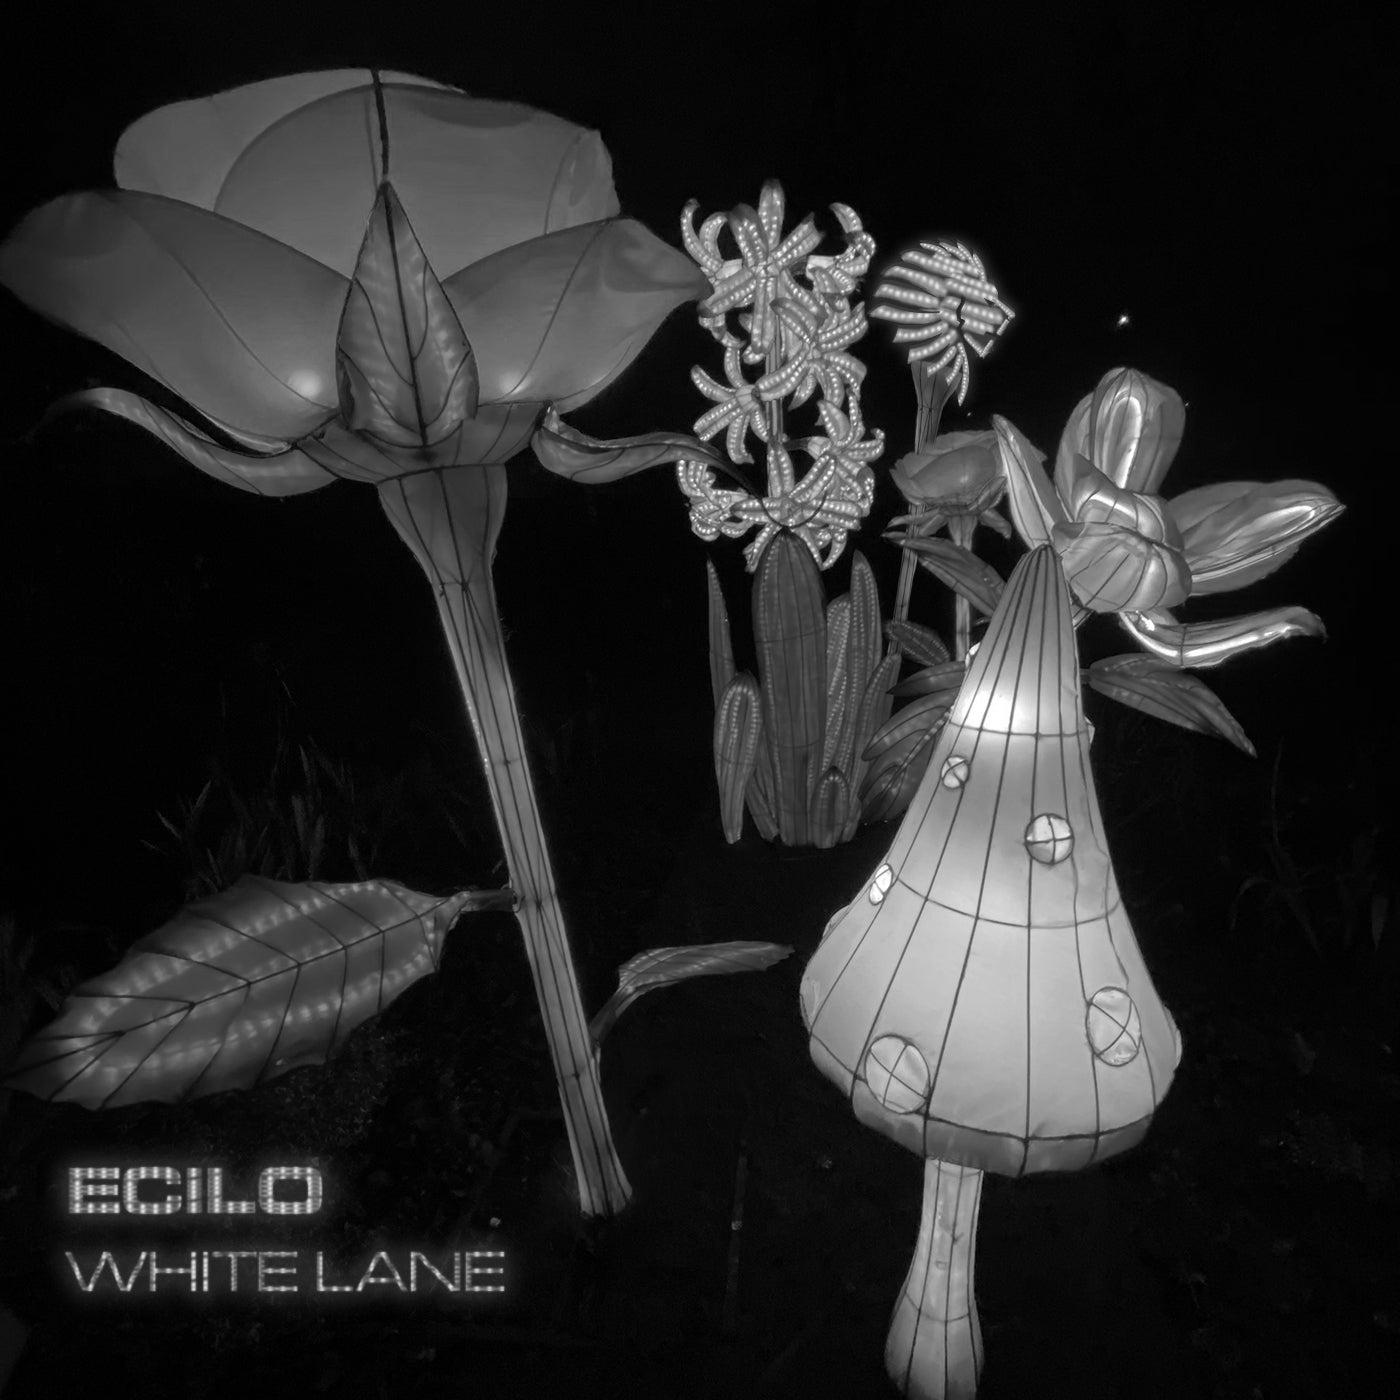 Download White Lane on Electrobuzz